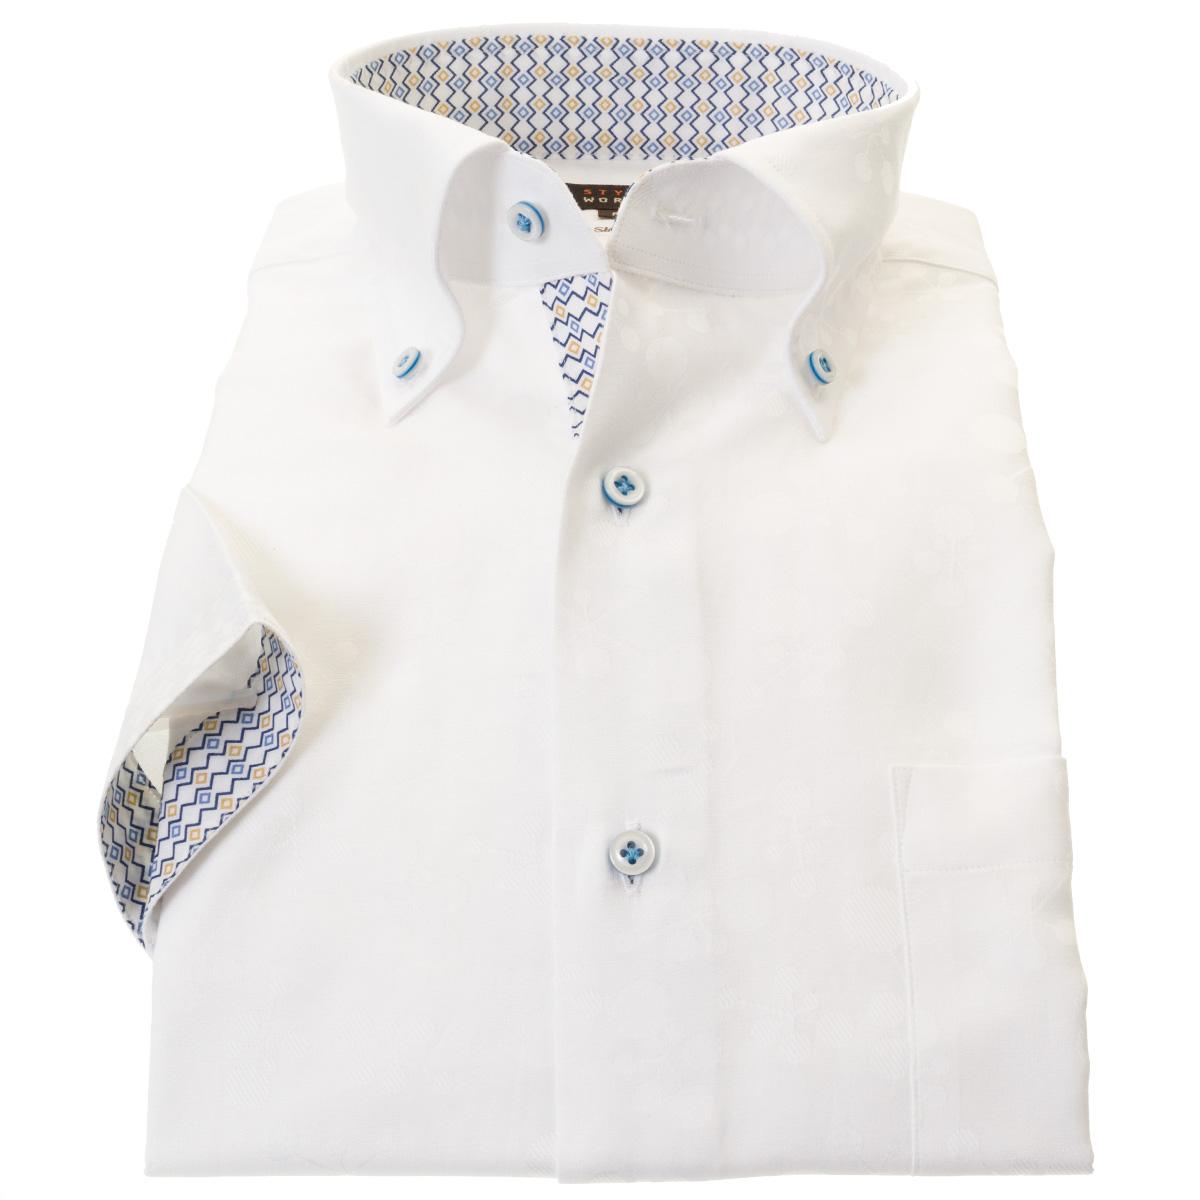 国産半袖ドレスシャツ 綿100% スリムフィット ボタンダウン ホワイト ジャガード織 幾何柄 化学式 胞子柄メンズ 【DEAL】